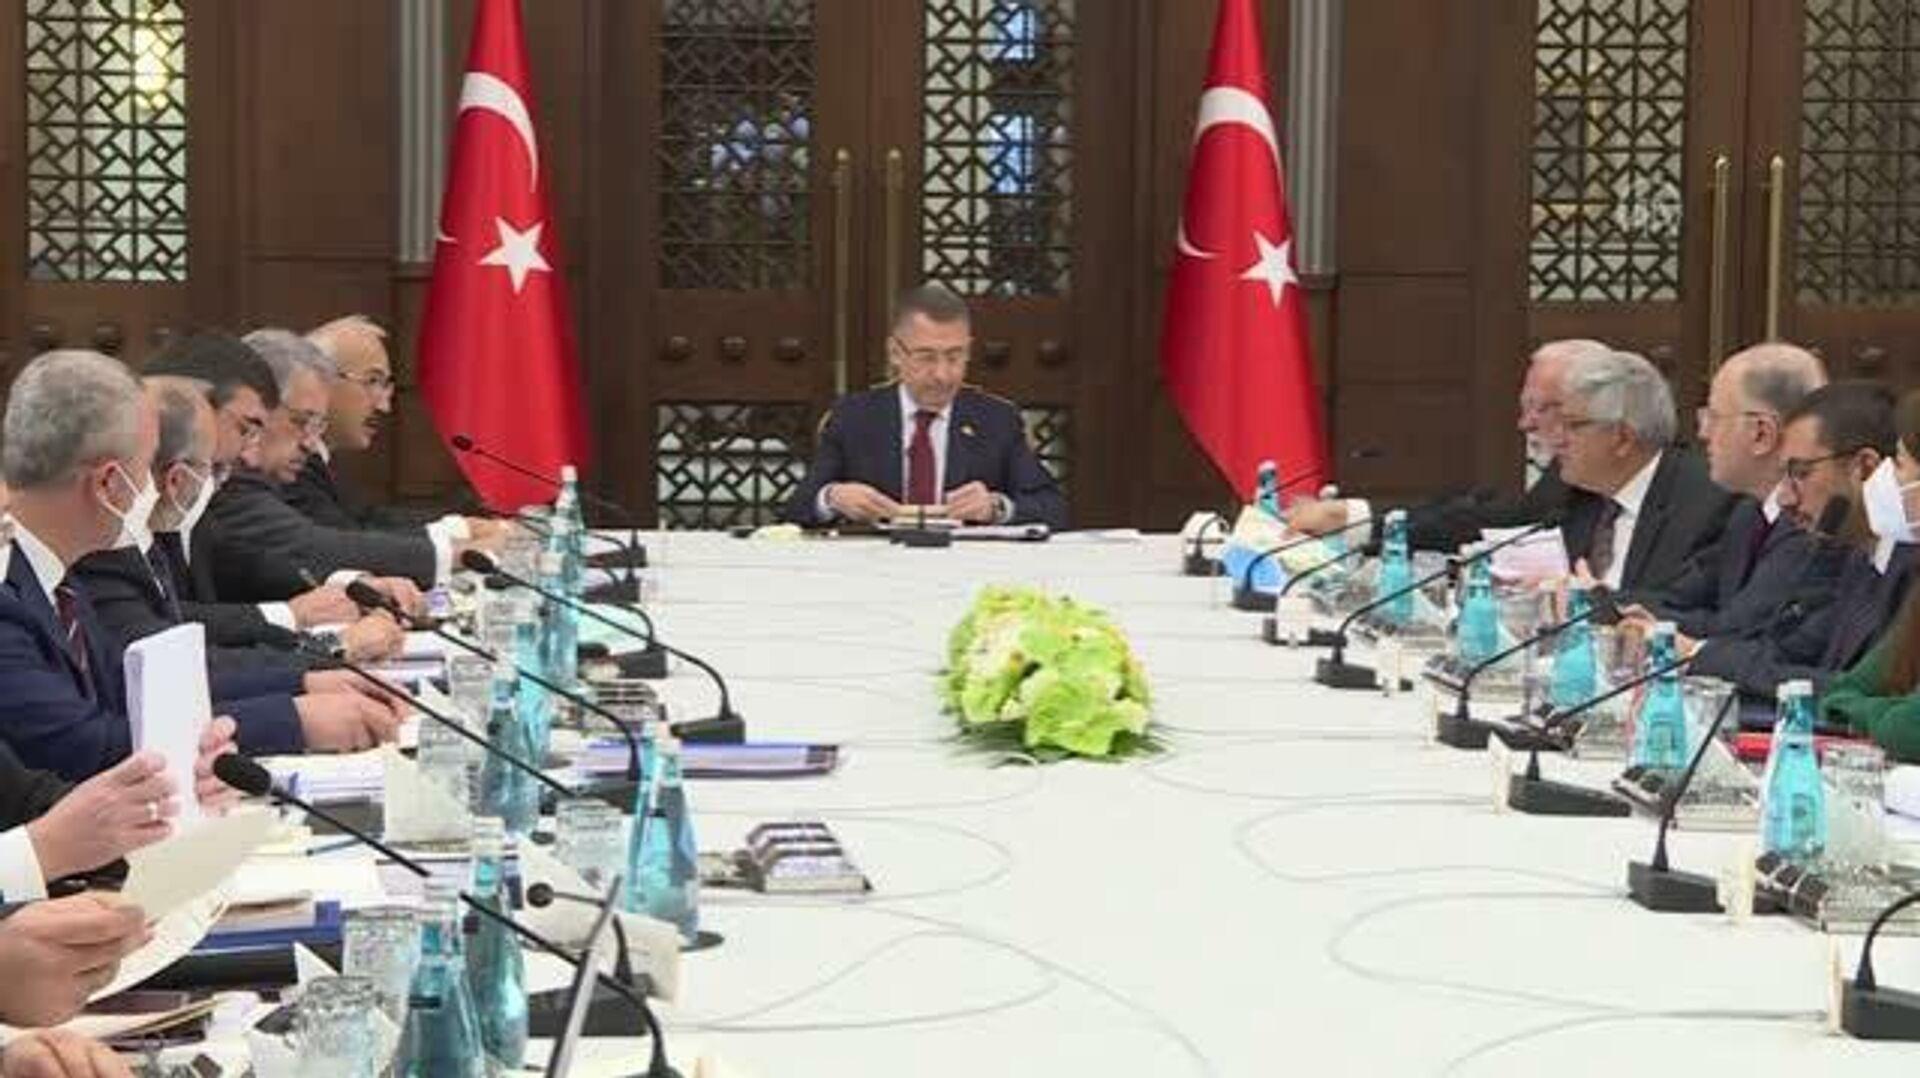 Cumhurbaşkanlığı Külliyesi'nde vergilerle ilgili düzenleme ihtiyaçlarına yönelik toplantı - Sputnik Türkiye, 1920, 22.09.2021